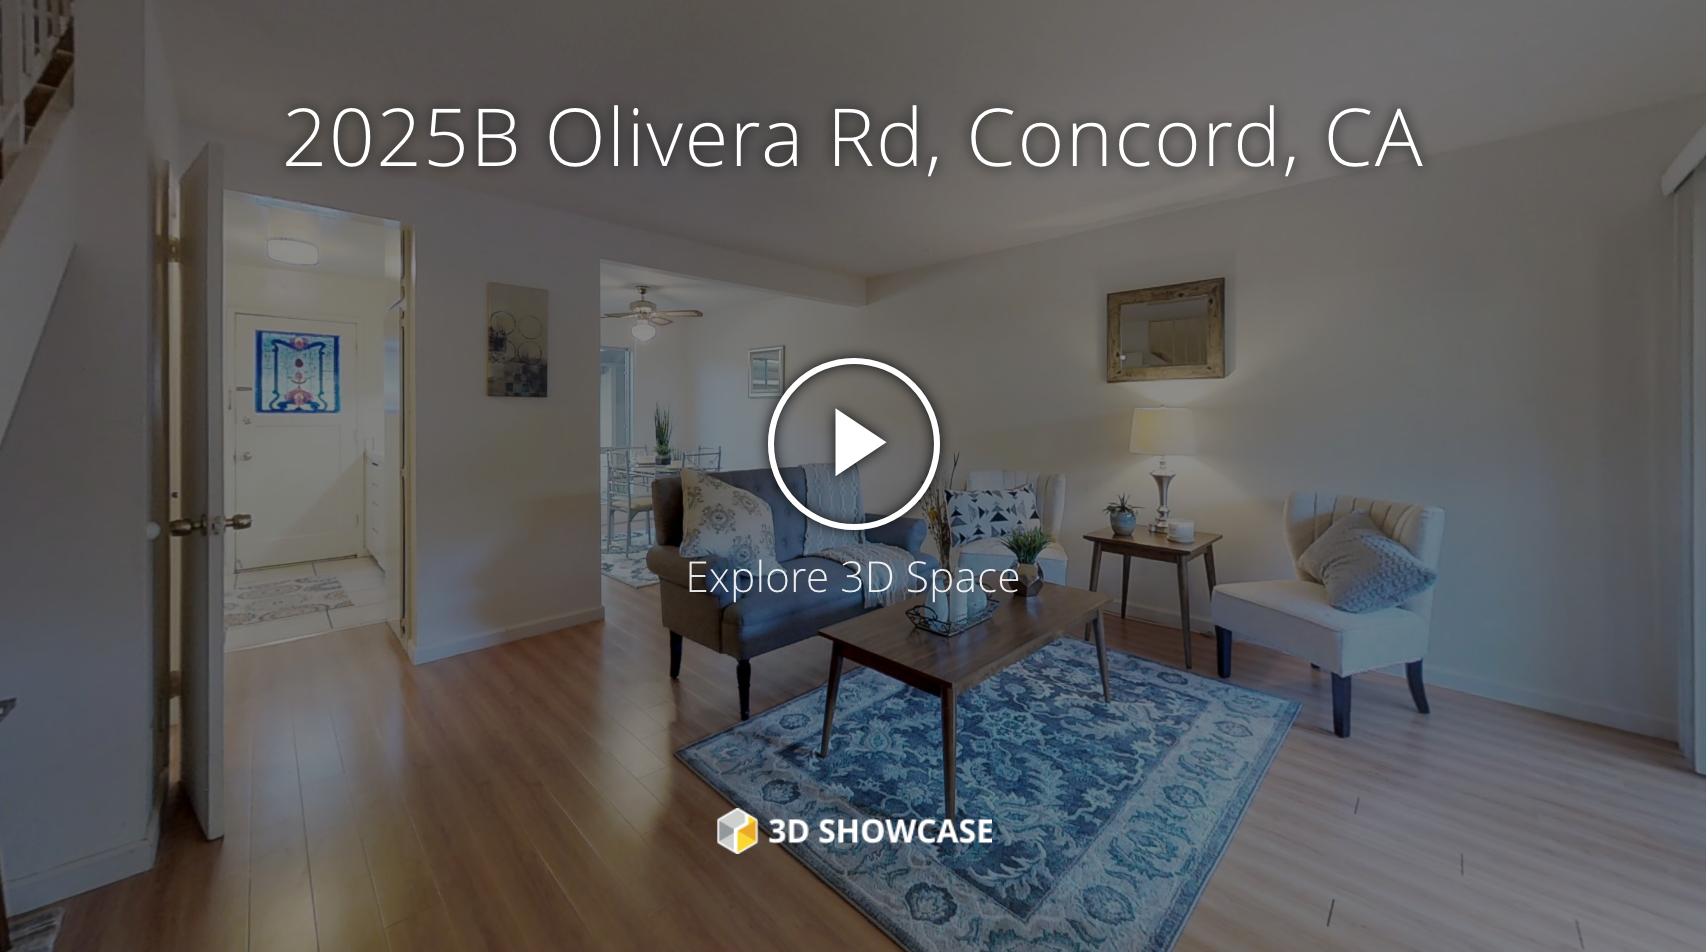 2025 Olivera Rd Unit B, Concord, CA 94520